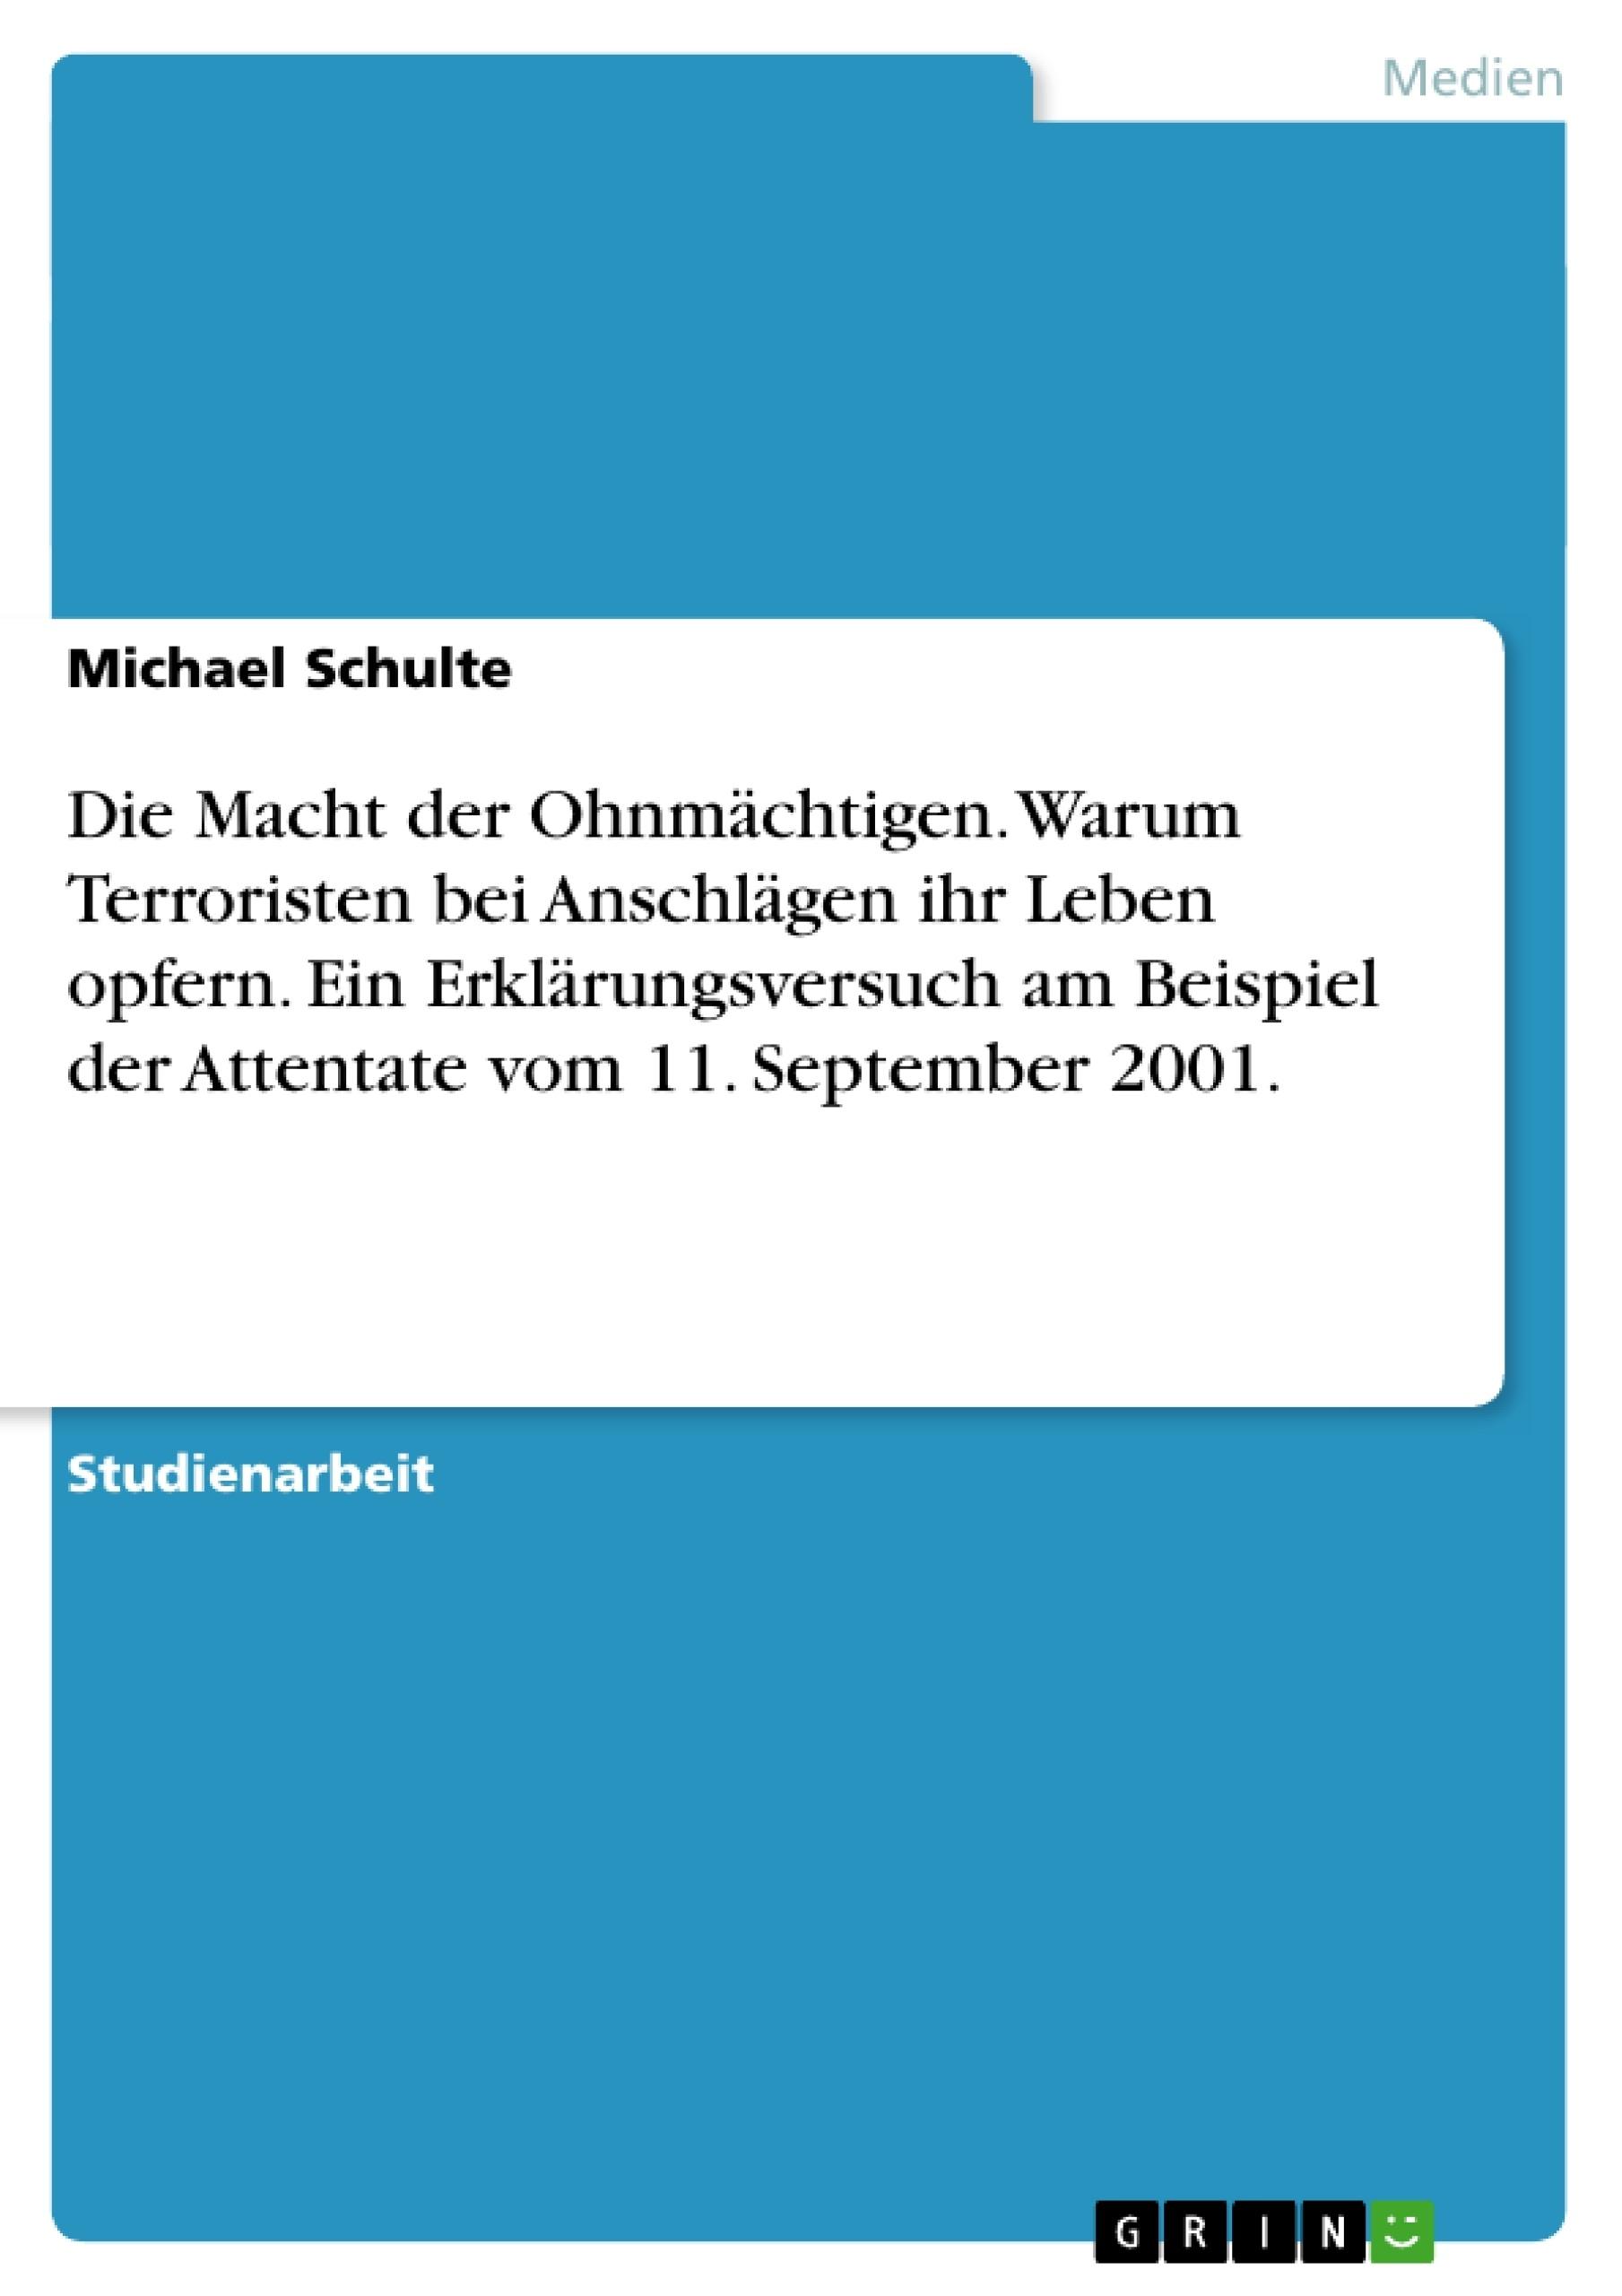 Titel: Die Macht der Ohnmächtigen. Warum Terroristen bei Anschlägen ihr Leben opfern. Ein Erklärungsversuch am Beispiel der Attentate vom 11. September 2001.